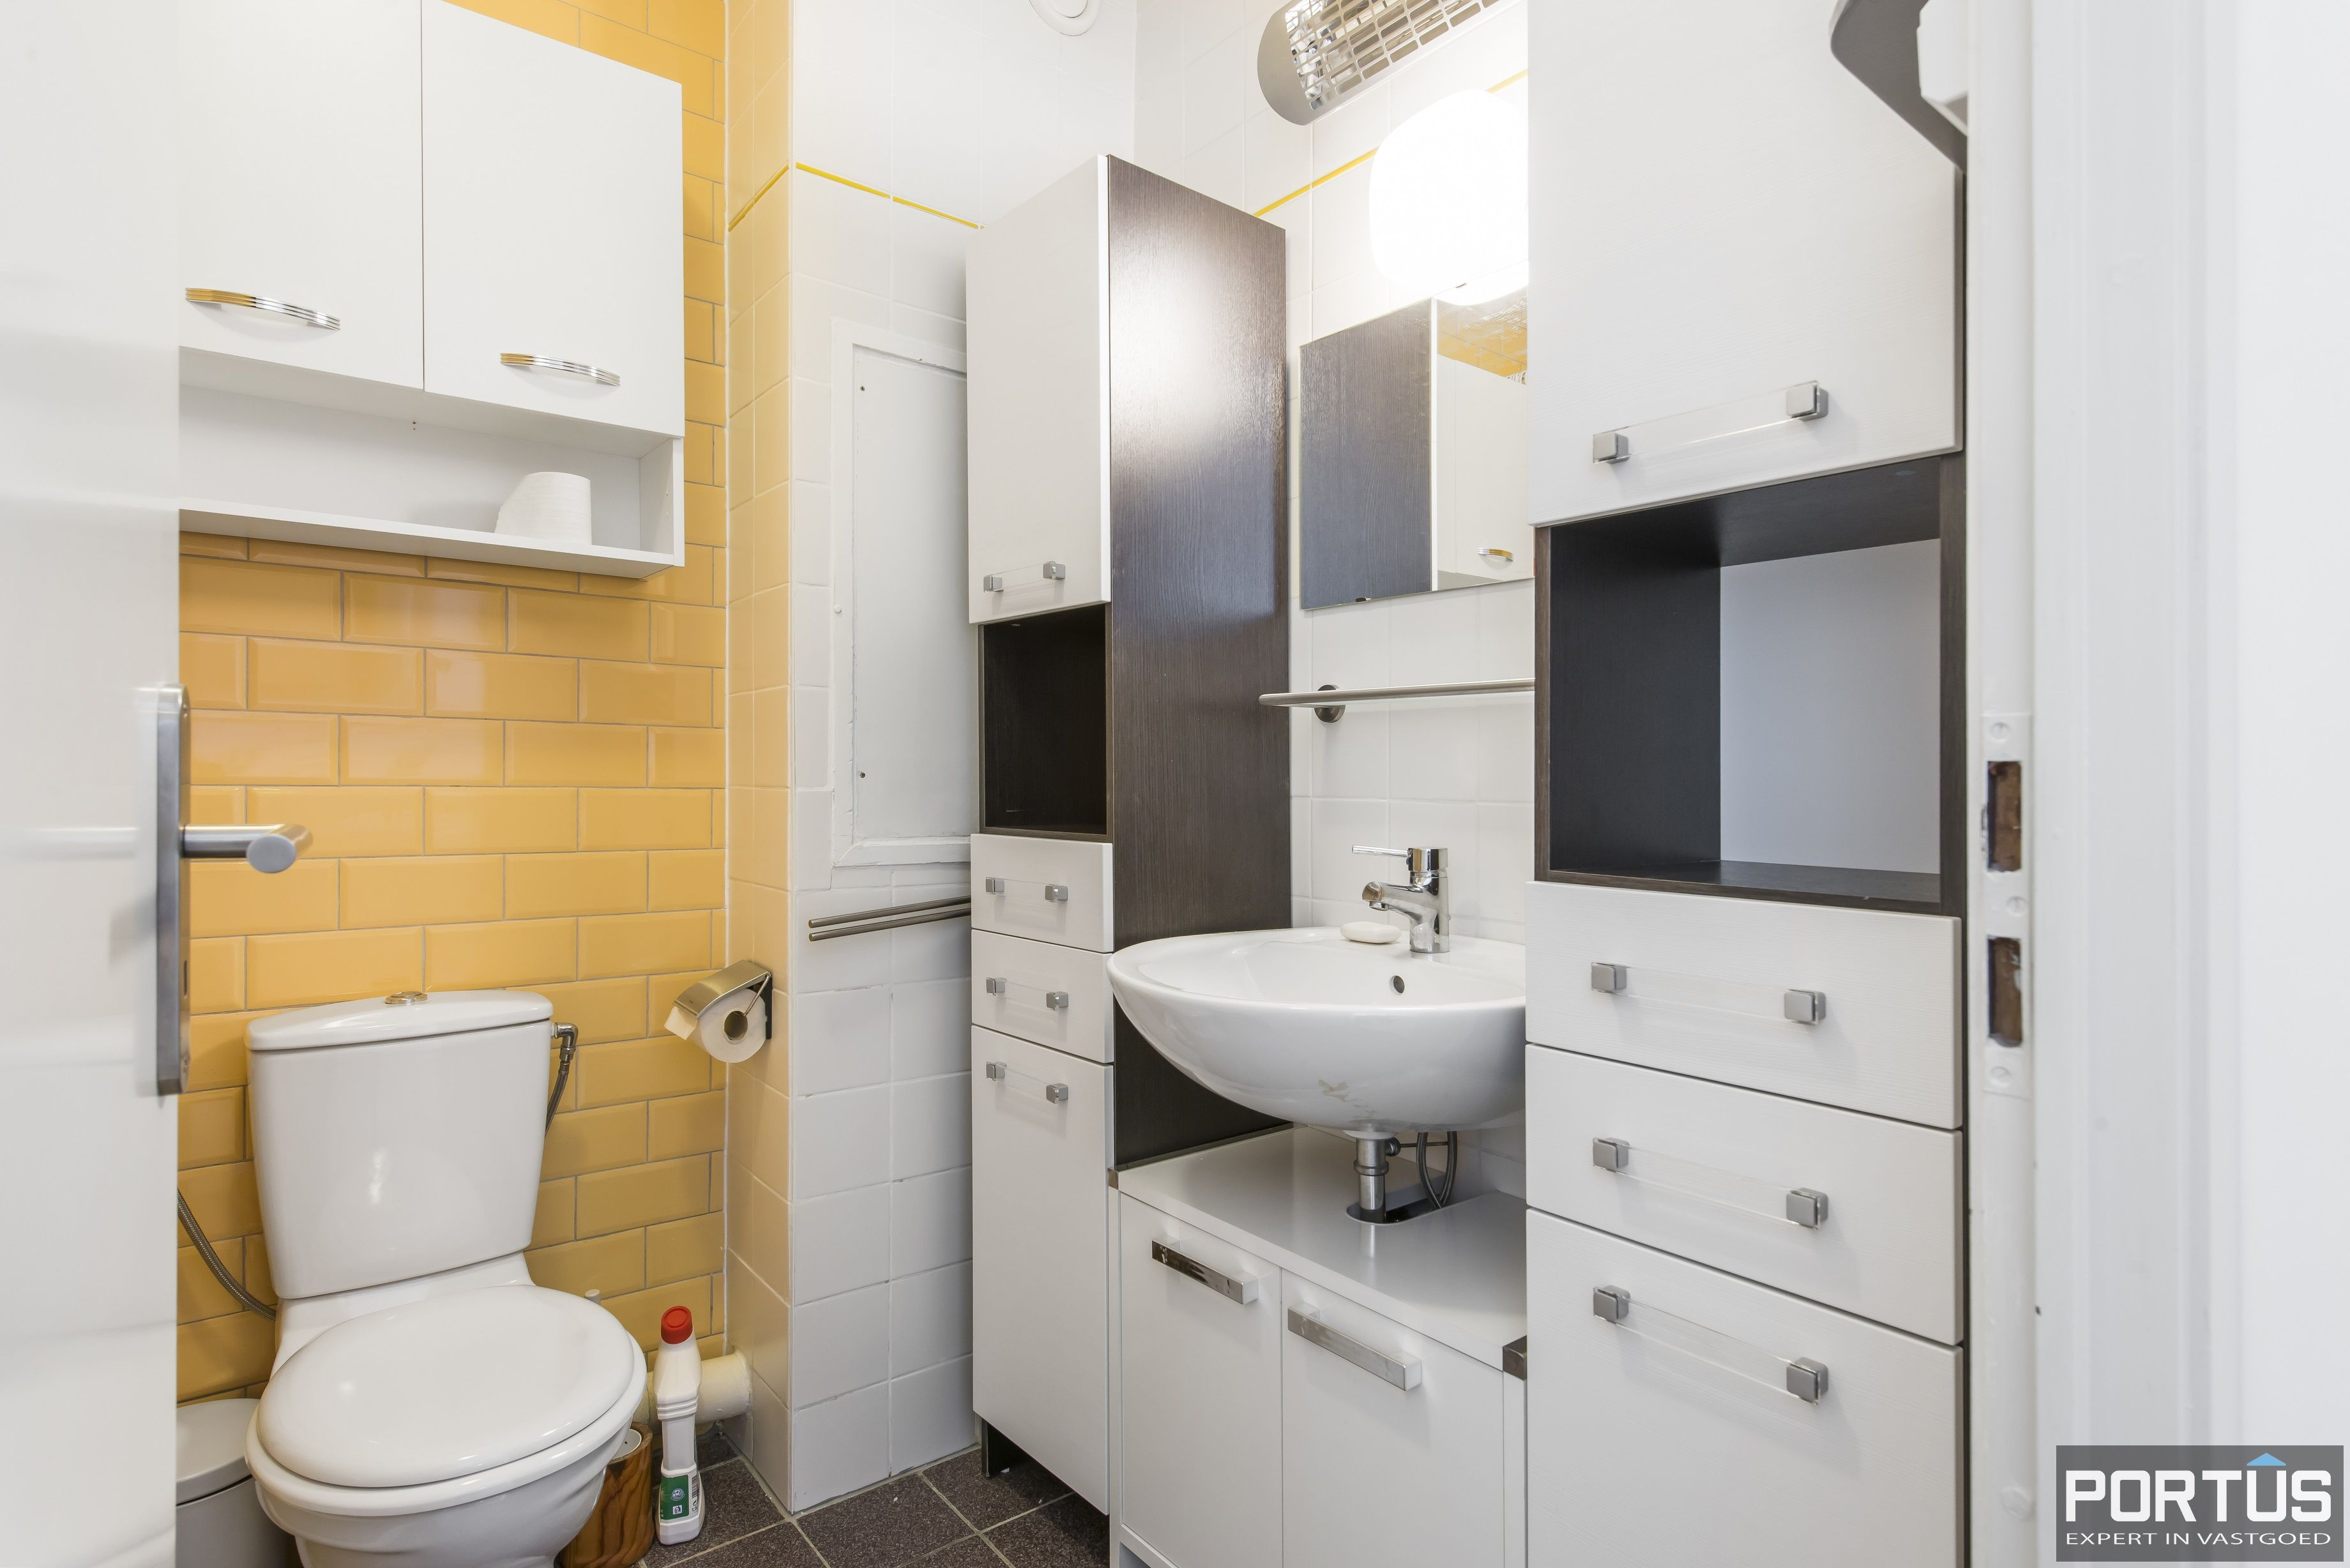 Instapklaar 1 slaapkamer appartement met ruim terras met zijdelings zeezicht te koop - 9542